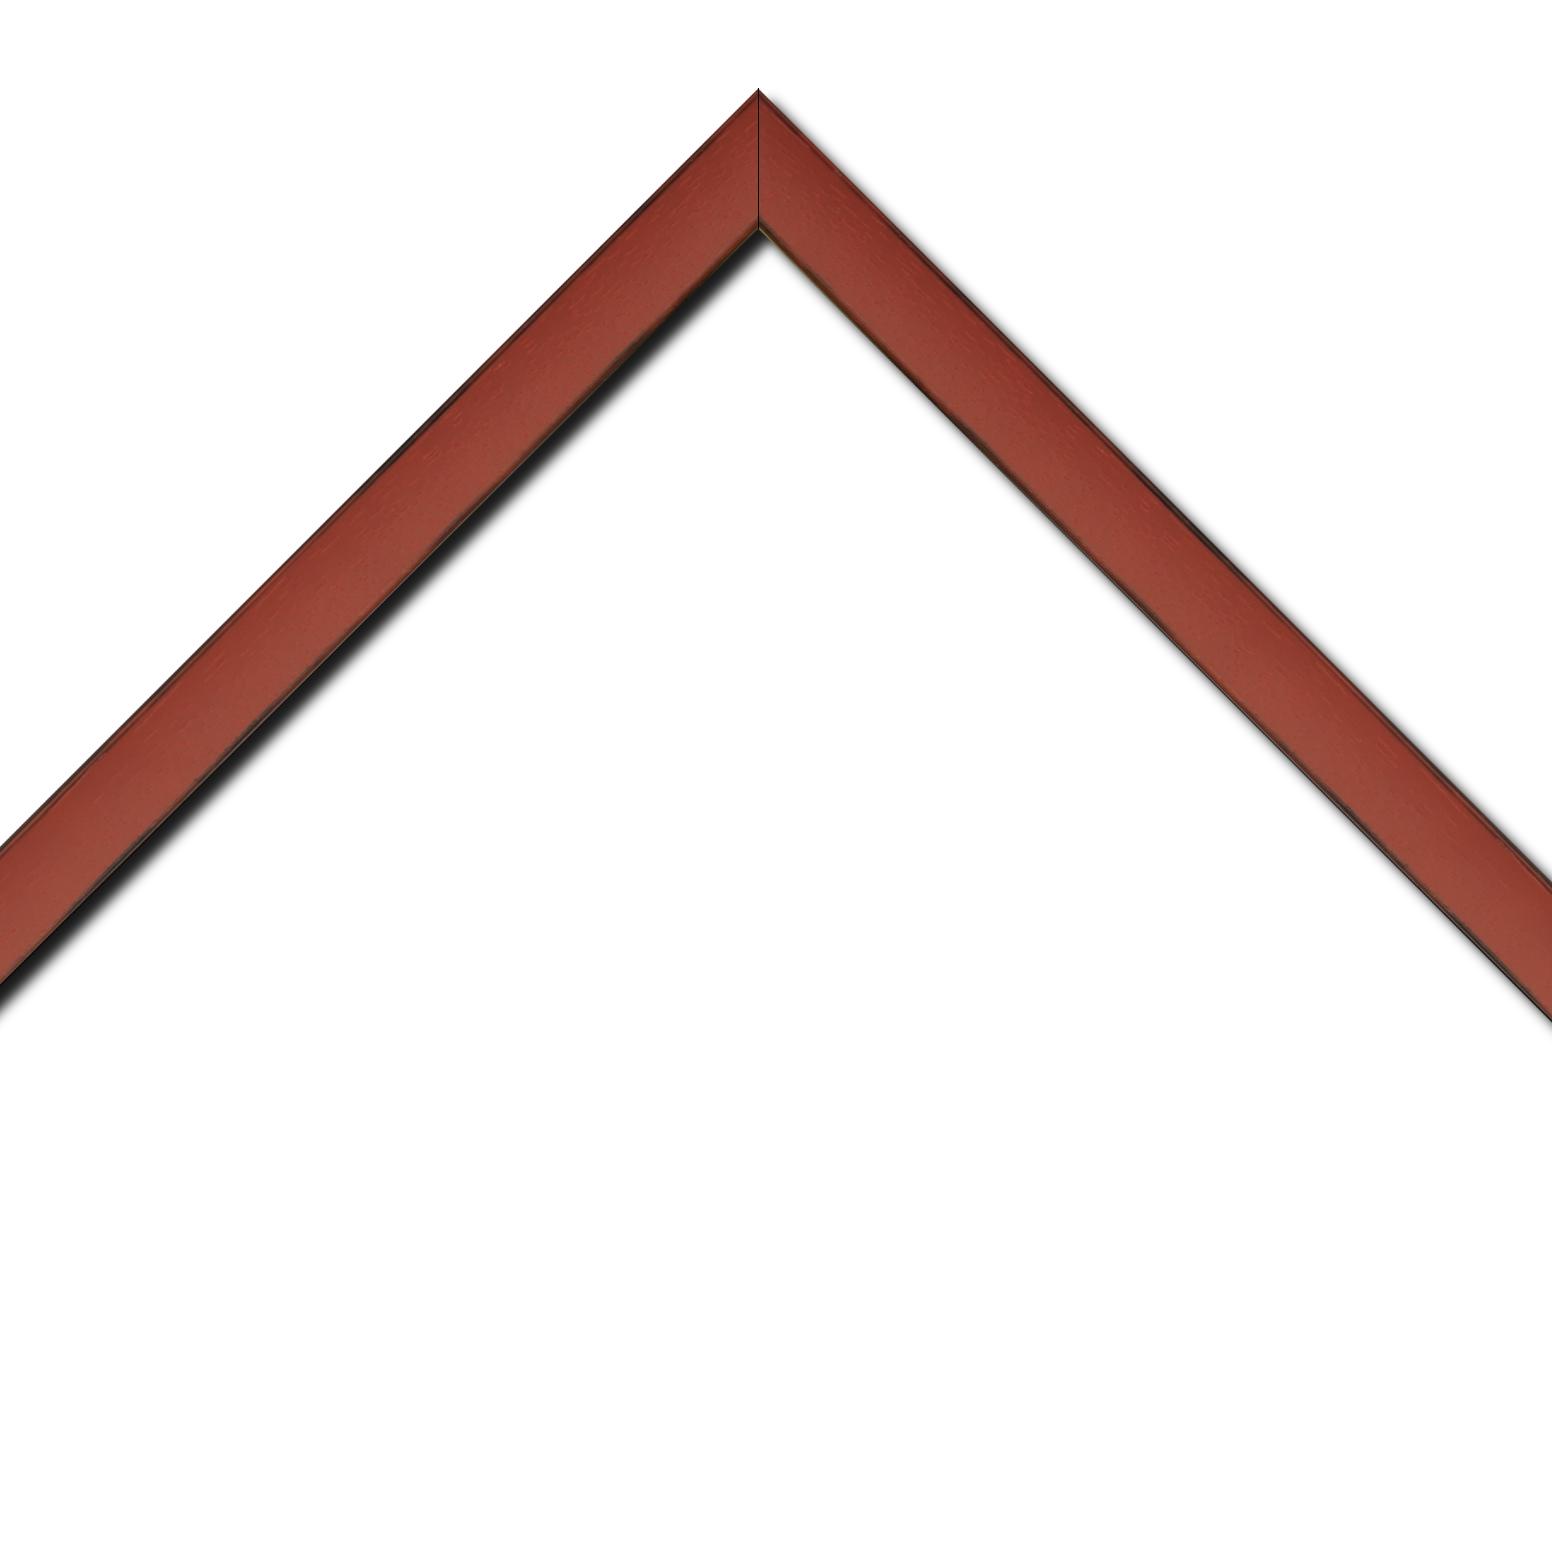 Baguette bois profil concave largeur 2.4cm couleur bordeaux  satiné  arêtes essuyés noircies de chaque coté